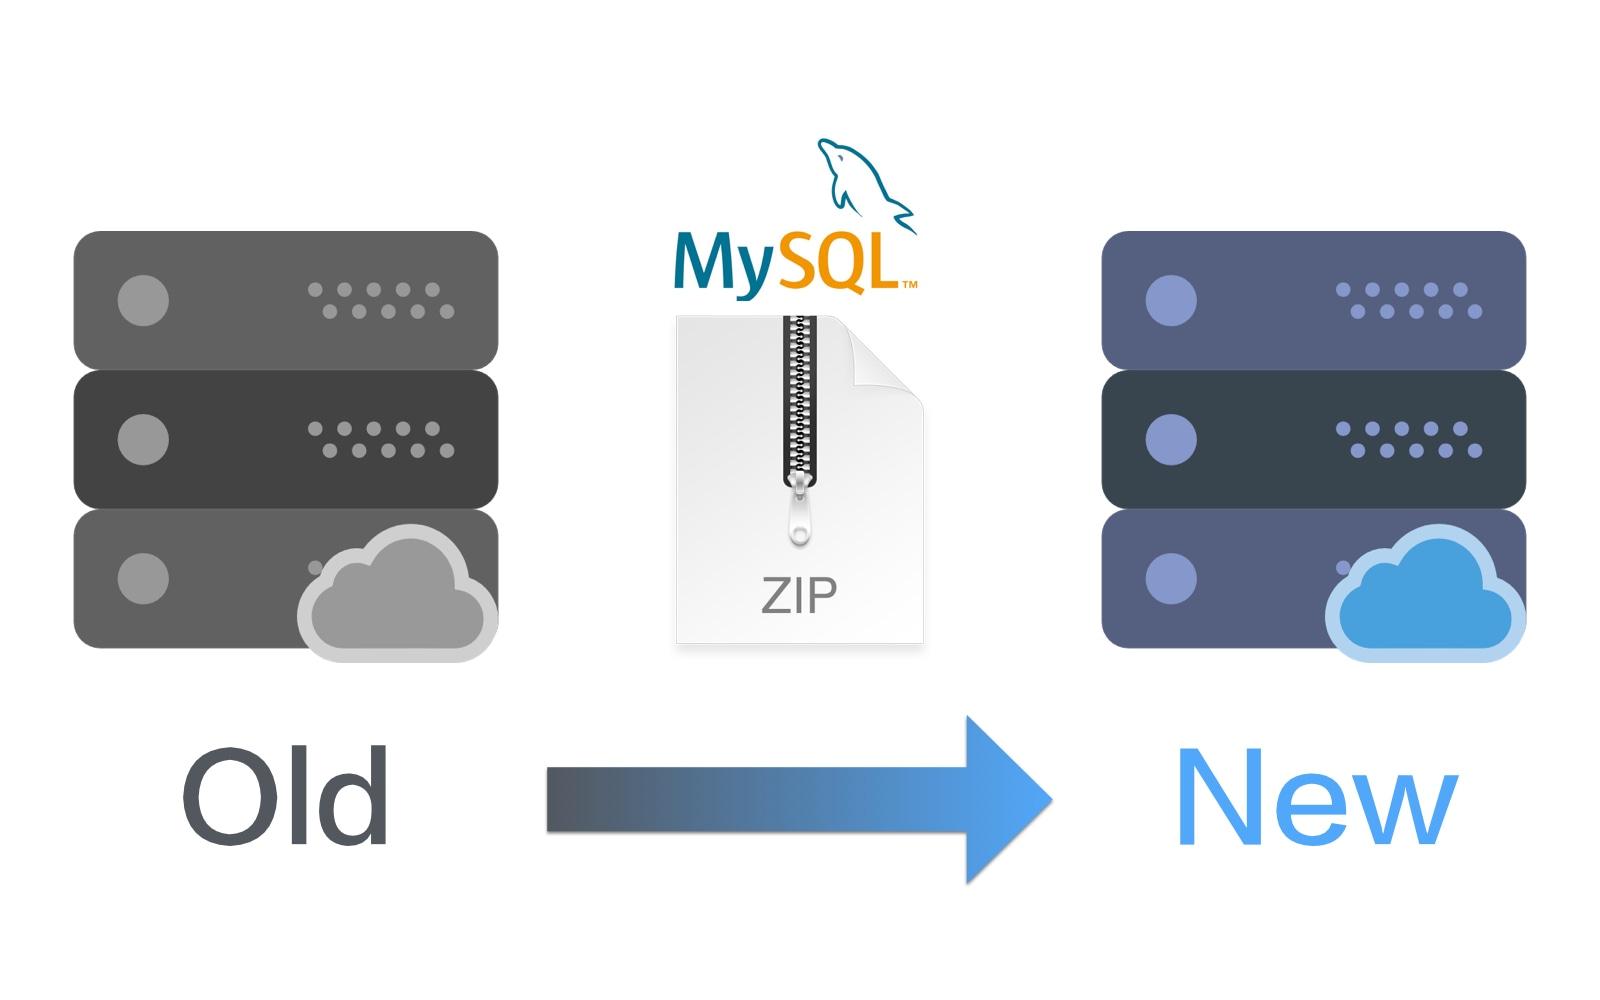 wpXレンタルサーバー MySQLの移行